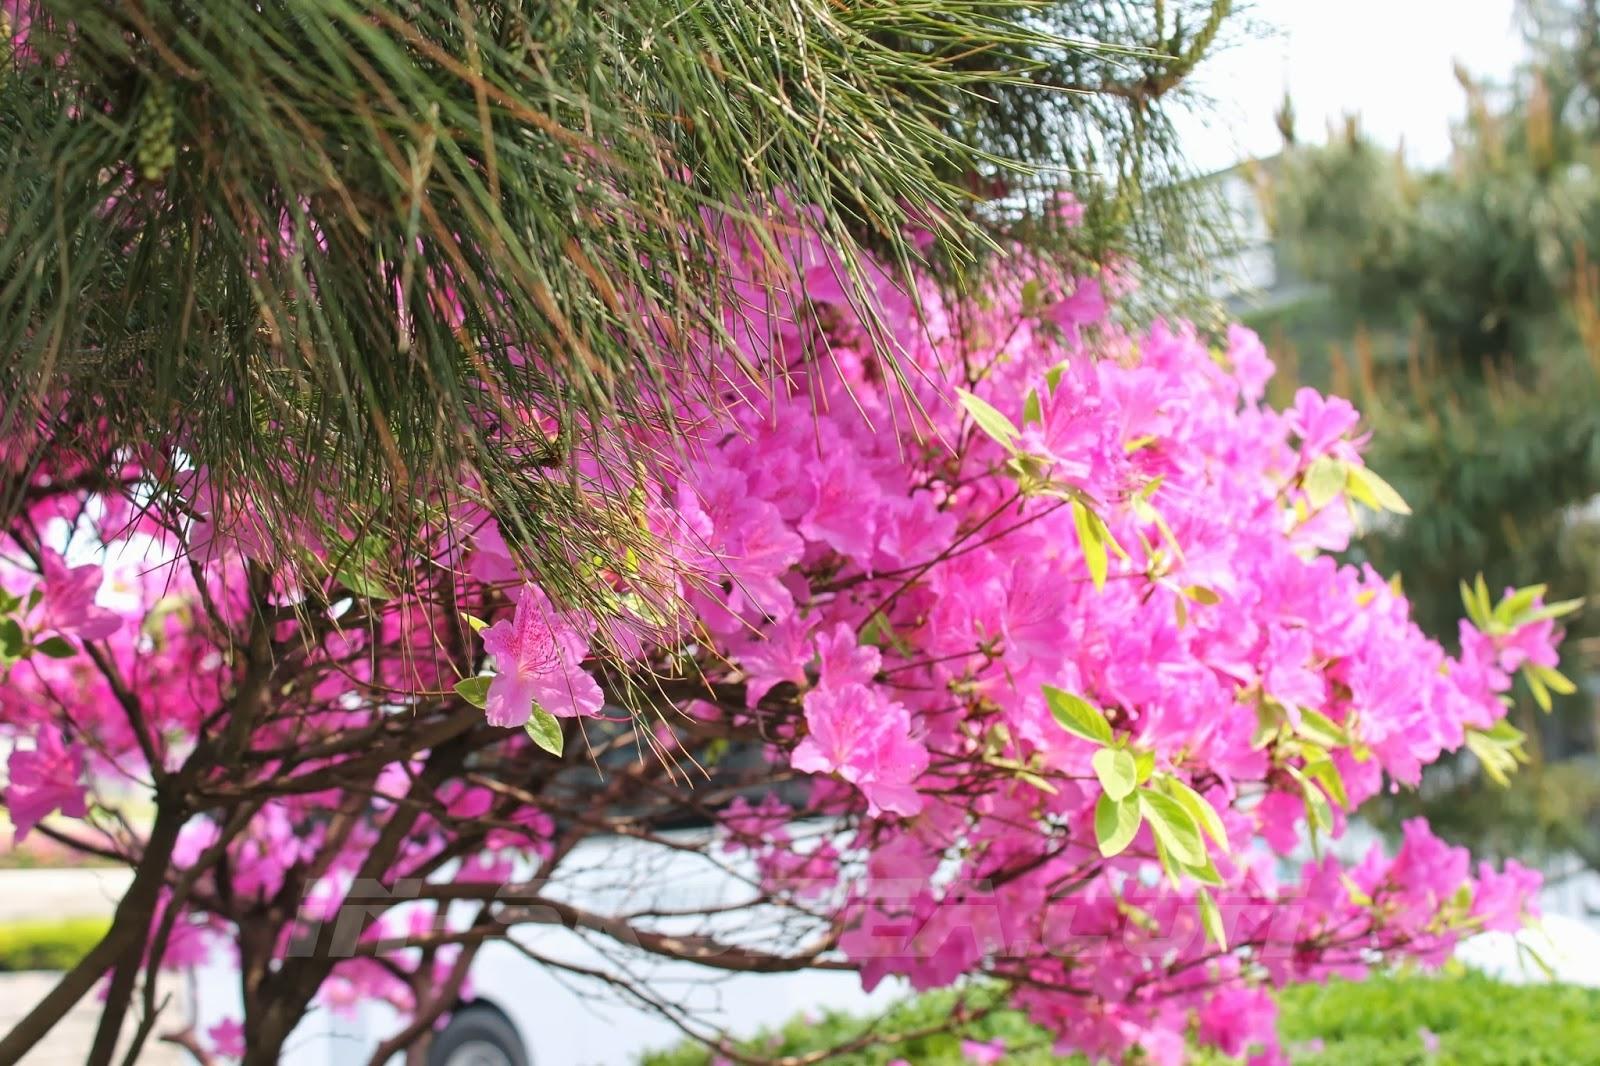 национальный цветок кореи